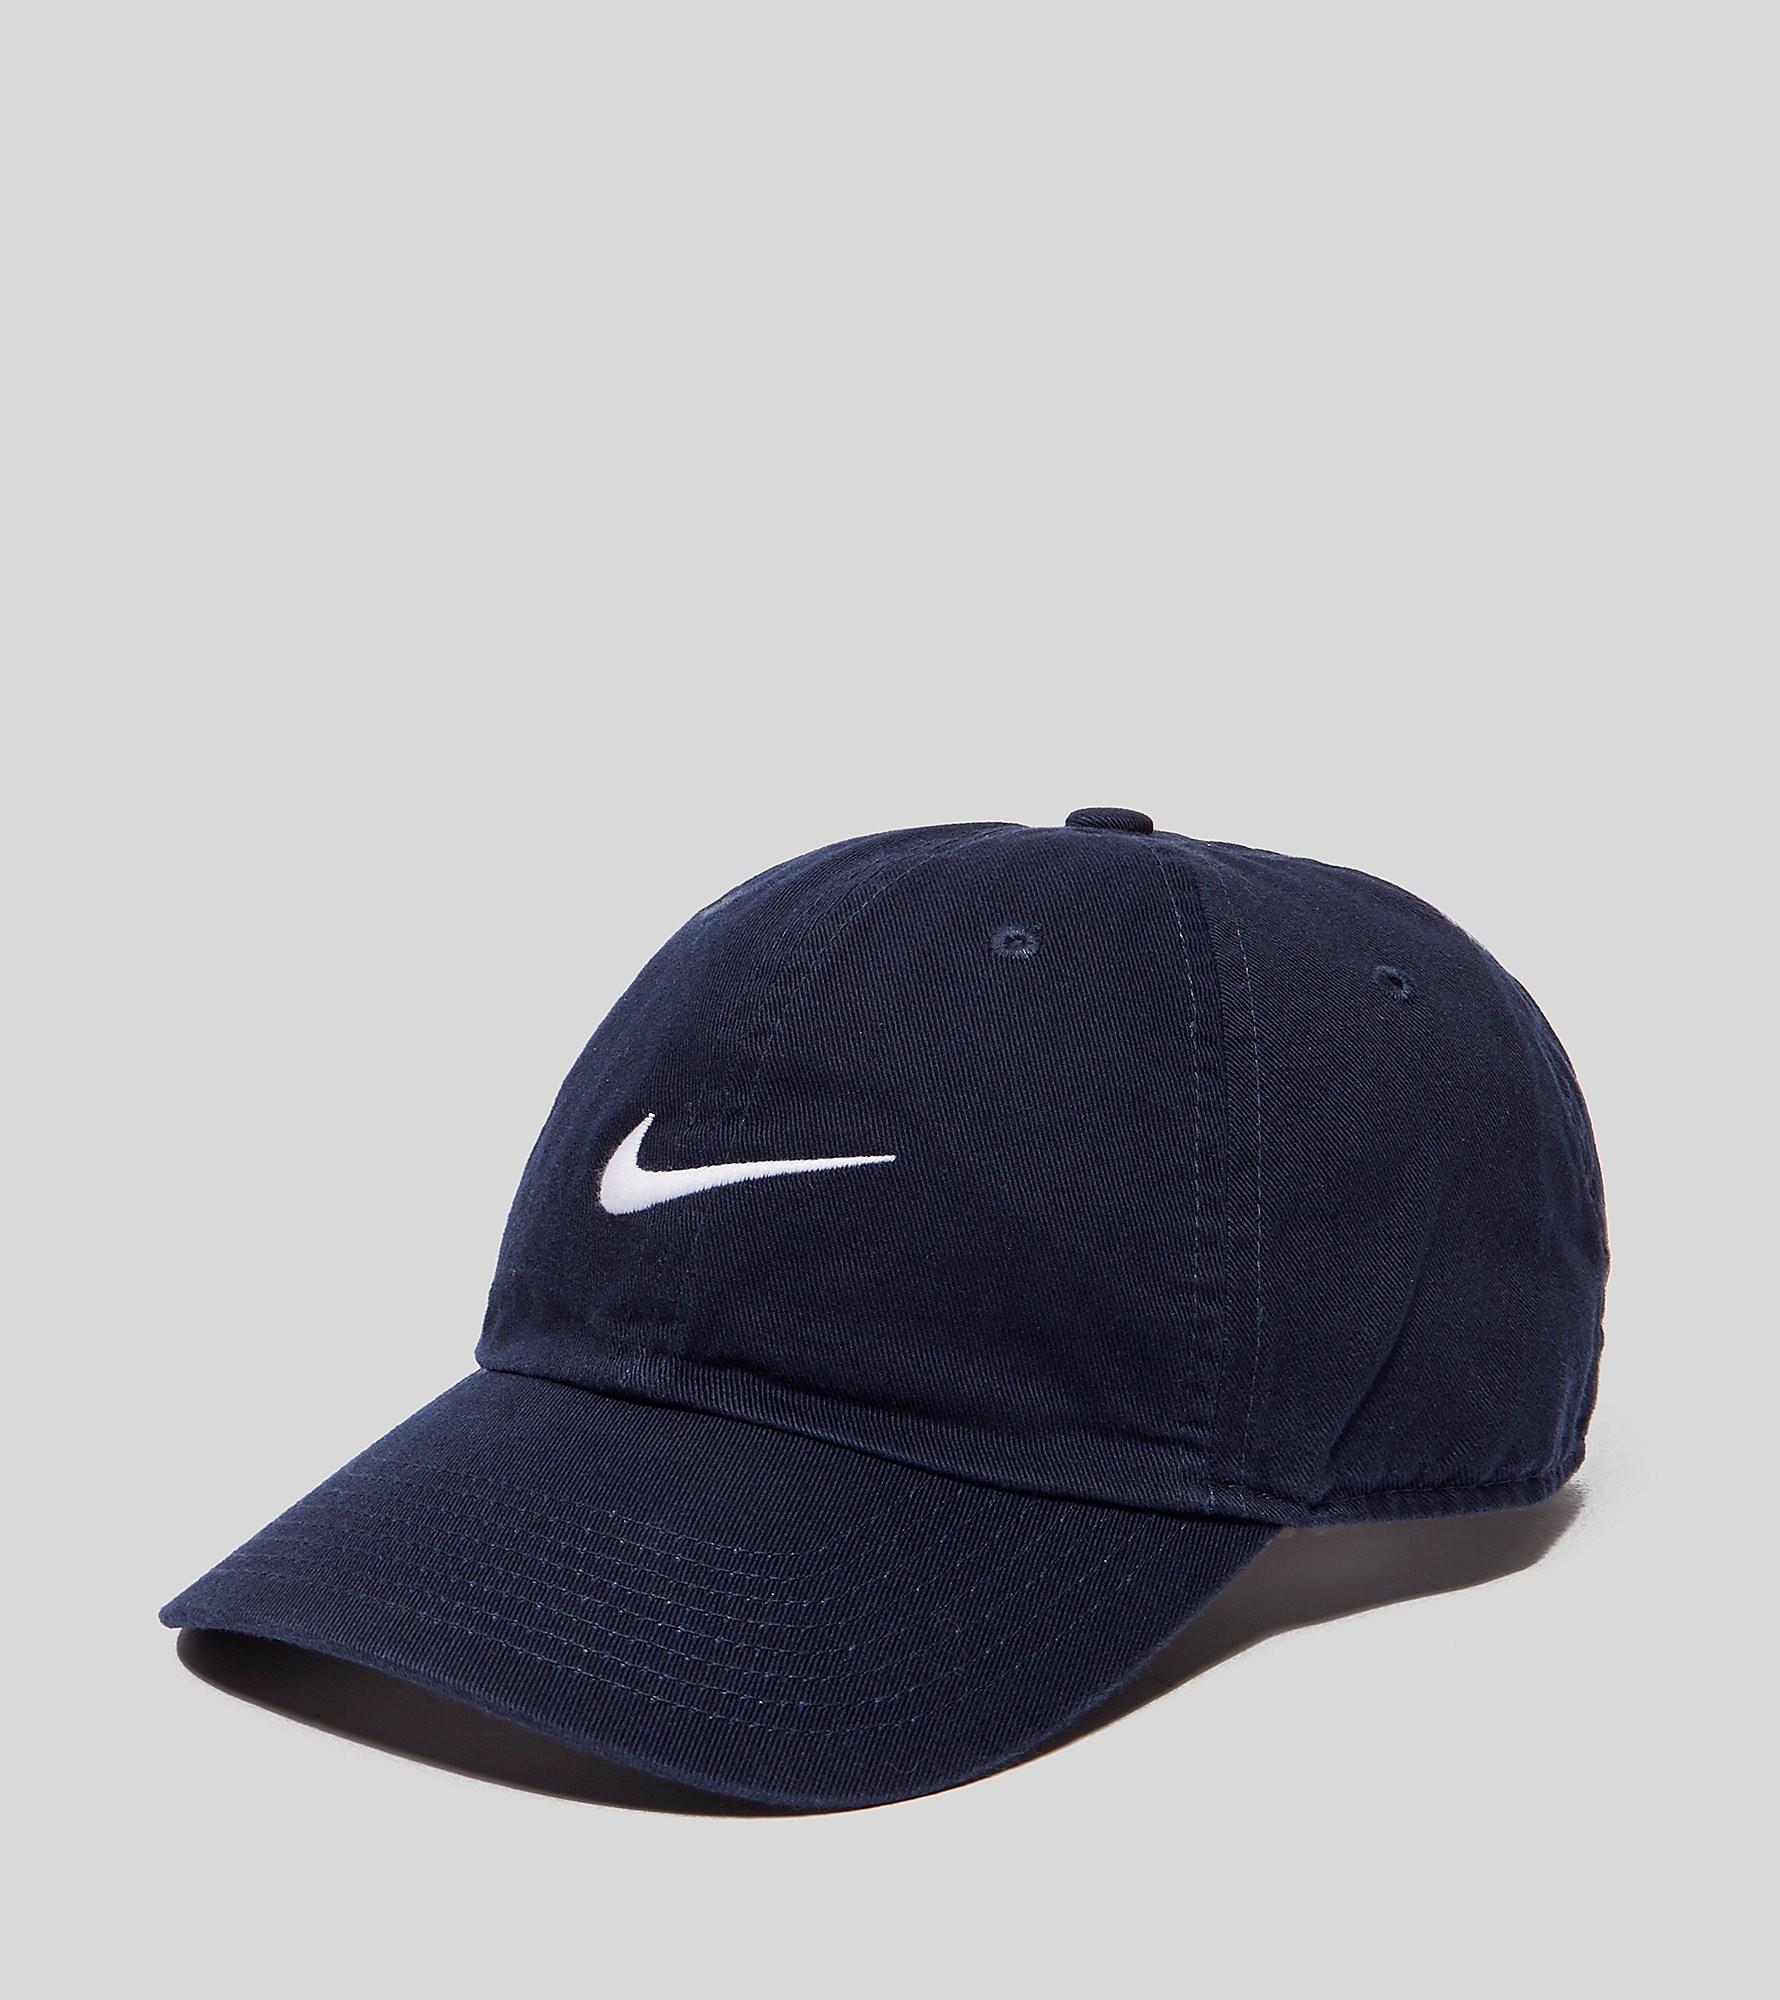 Nike Casquette Heritage '86 Swoosh